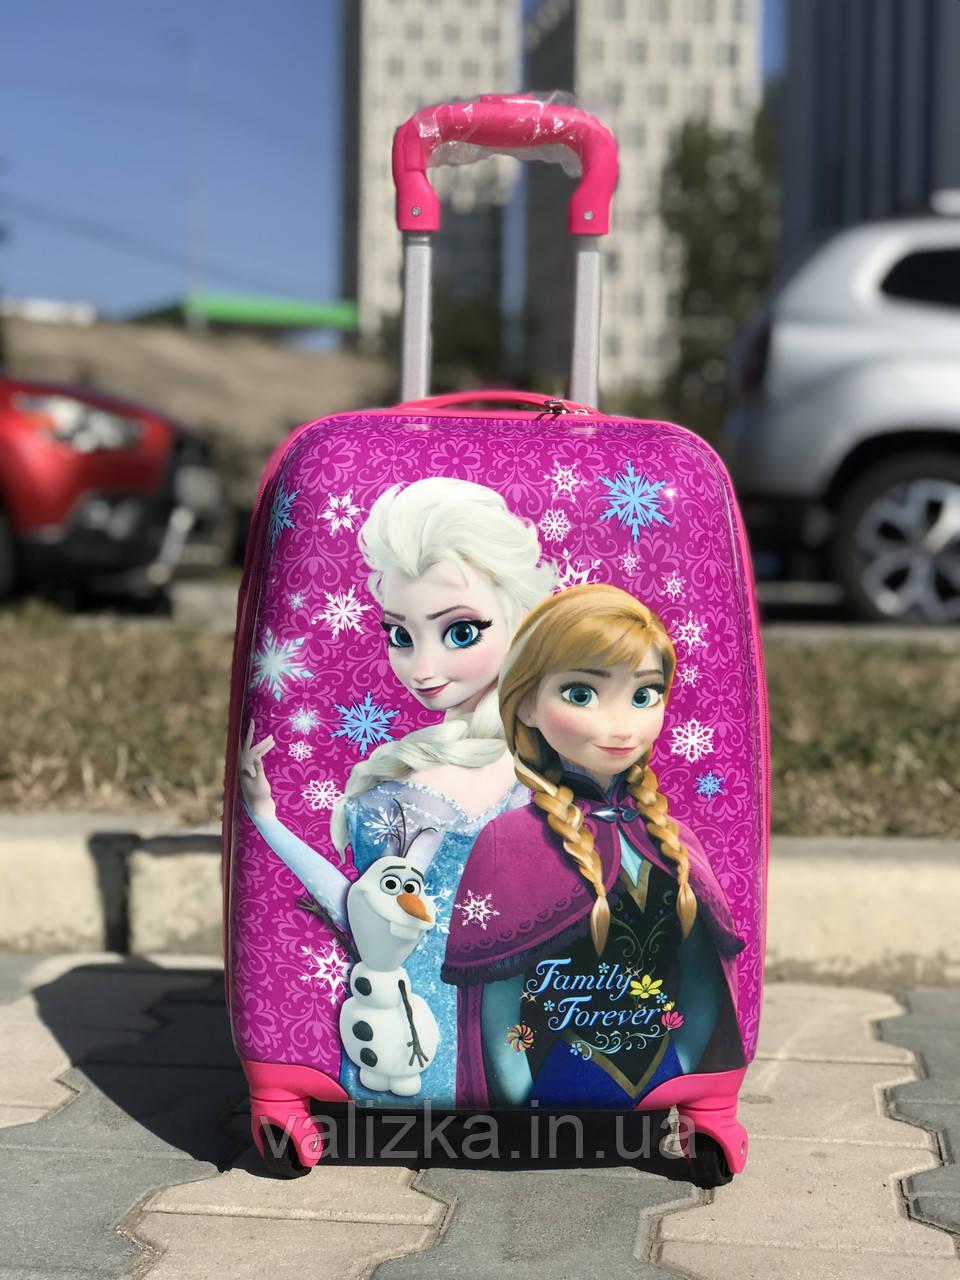 Пластиковый чемодан для ребенка Холодное сердце